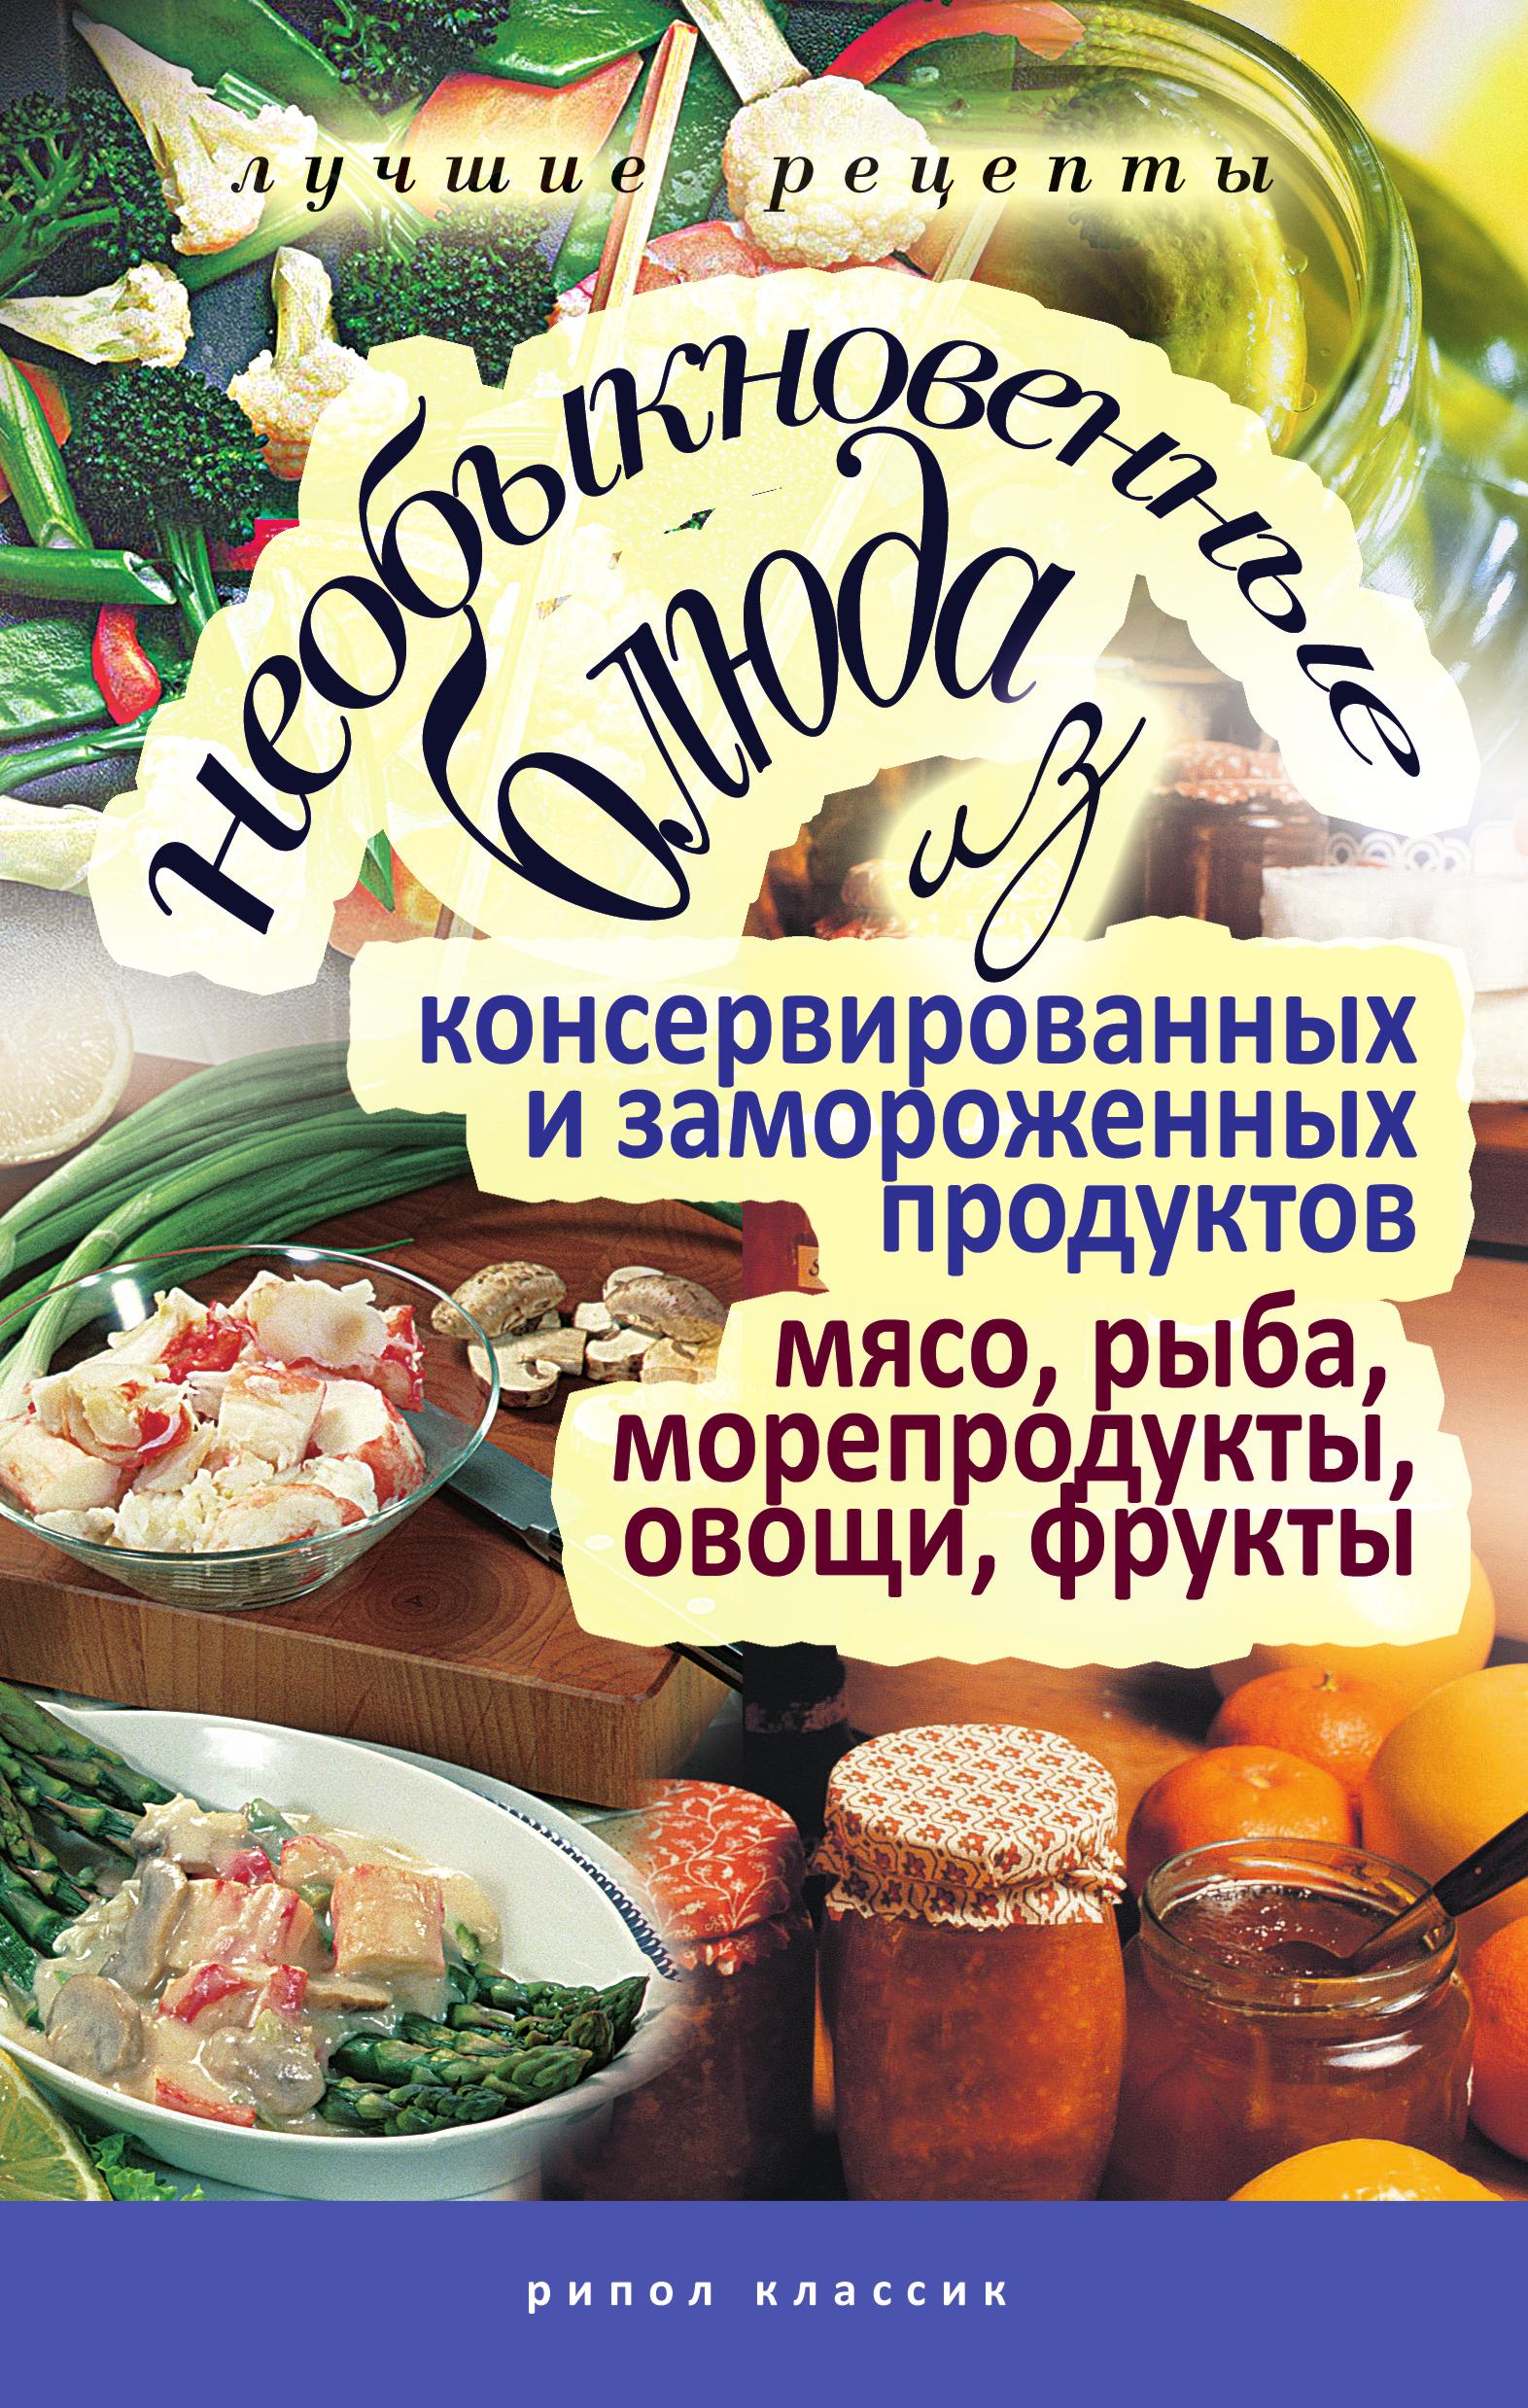 Отсутствует Необыкновенные блюда из консервированных и замороженных продуктов. Мясо, рыба, морепродукты, овощи, фрукты